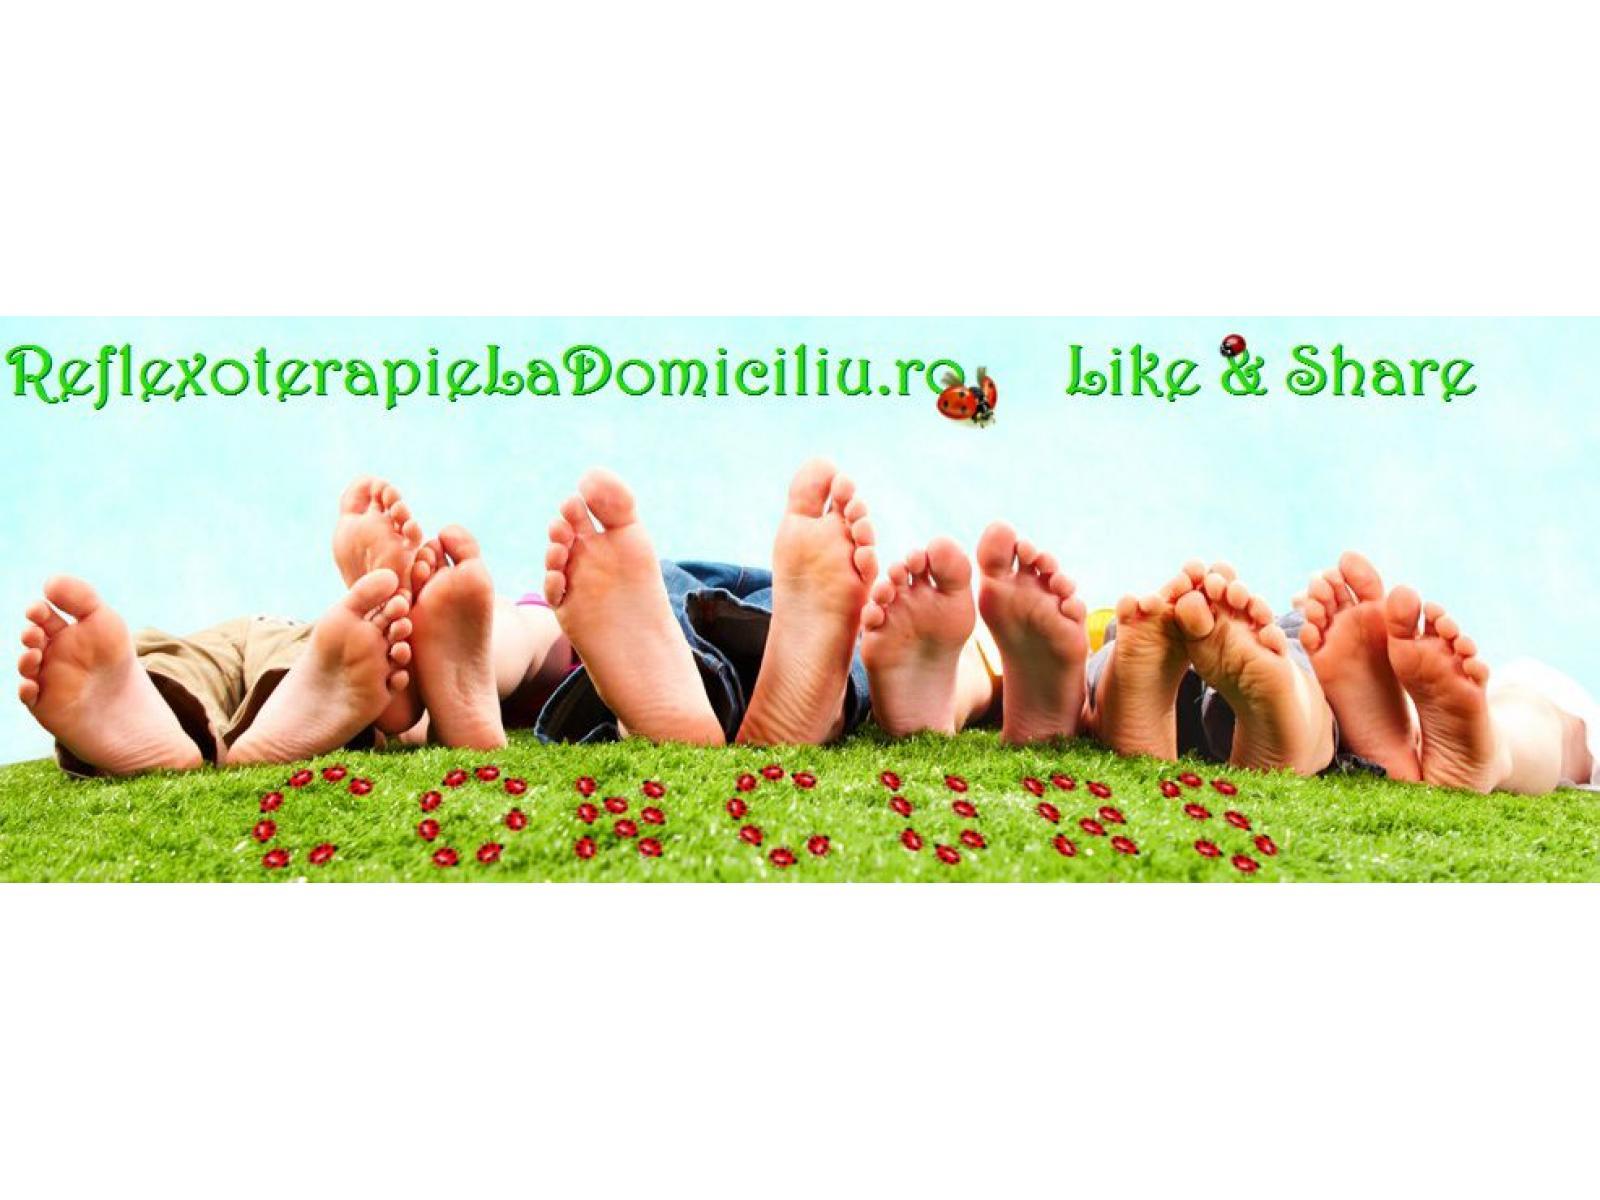 Reflexoterapie La Domiciliu - concurs_reflexoterapie_toata_familia.jpg